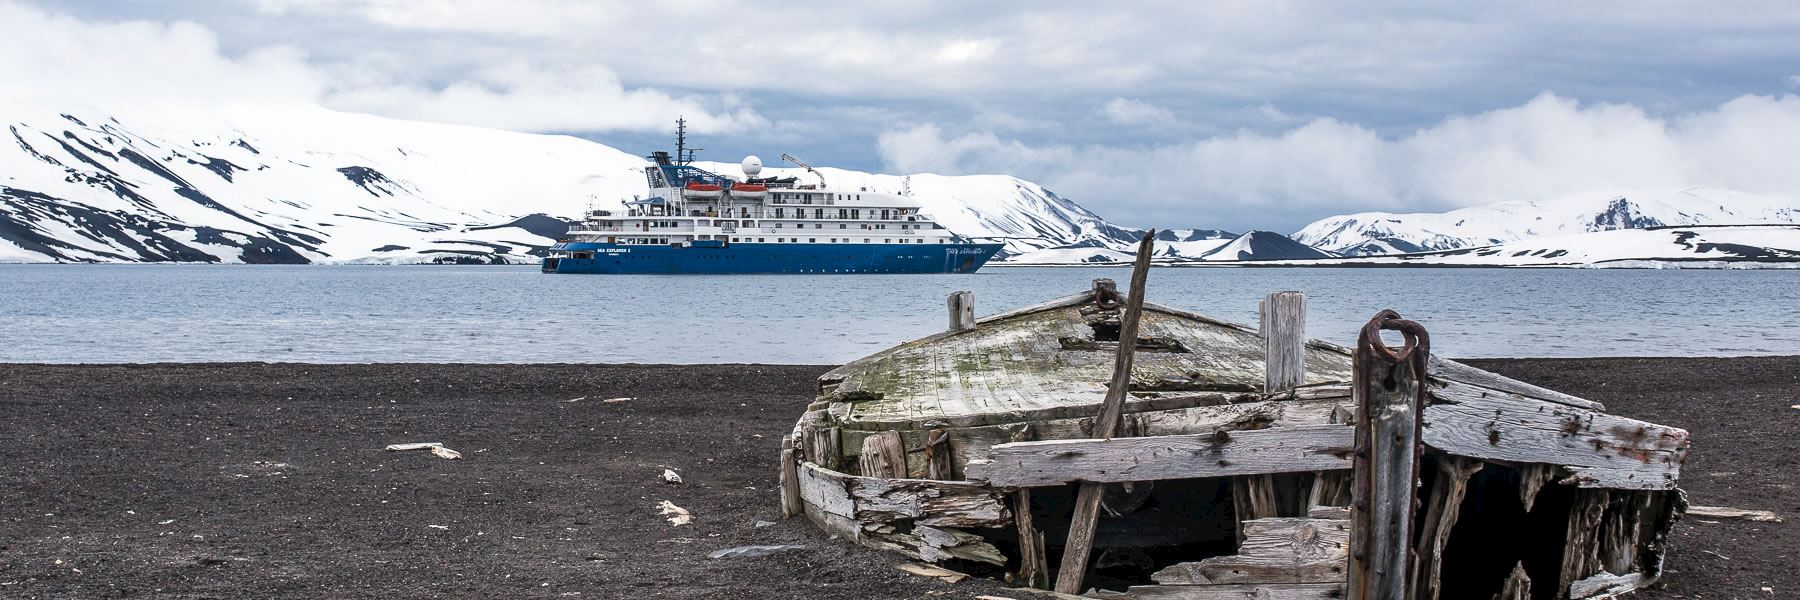 Cruise Ships in Antarctica: Hebridean Sky